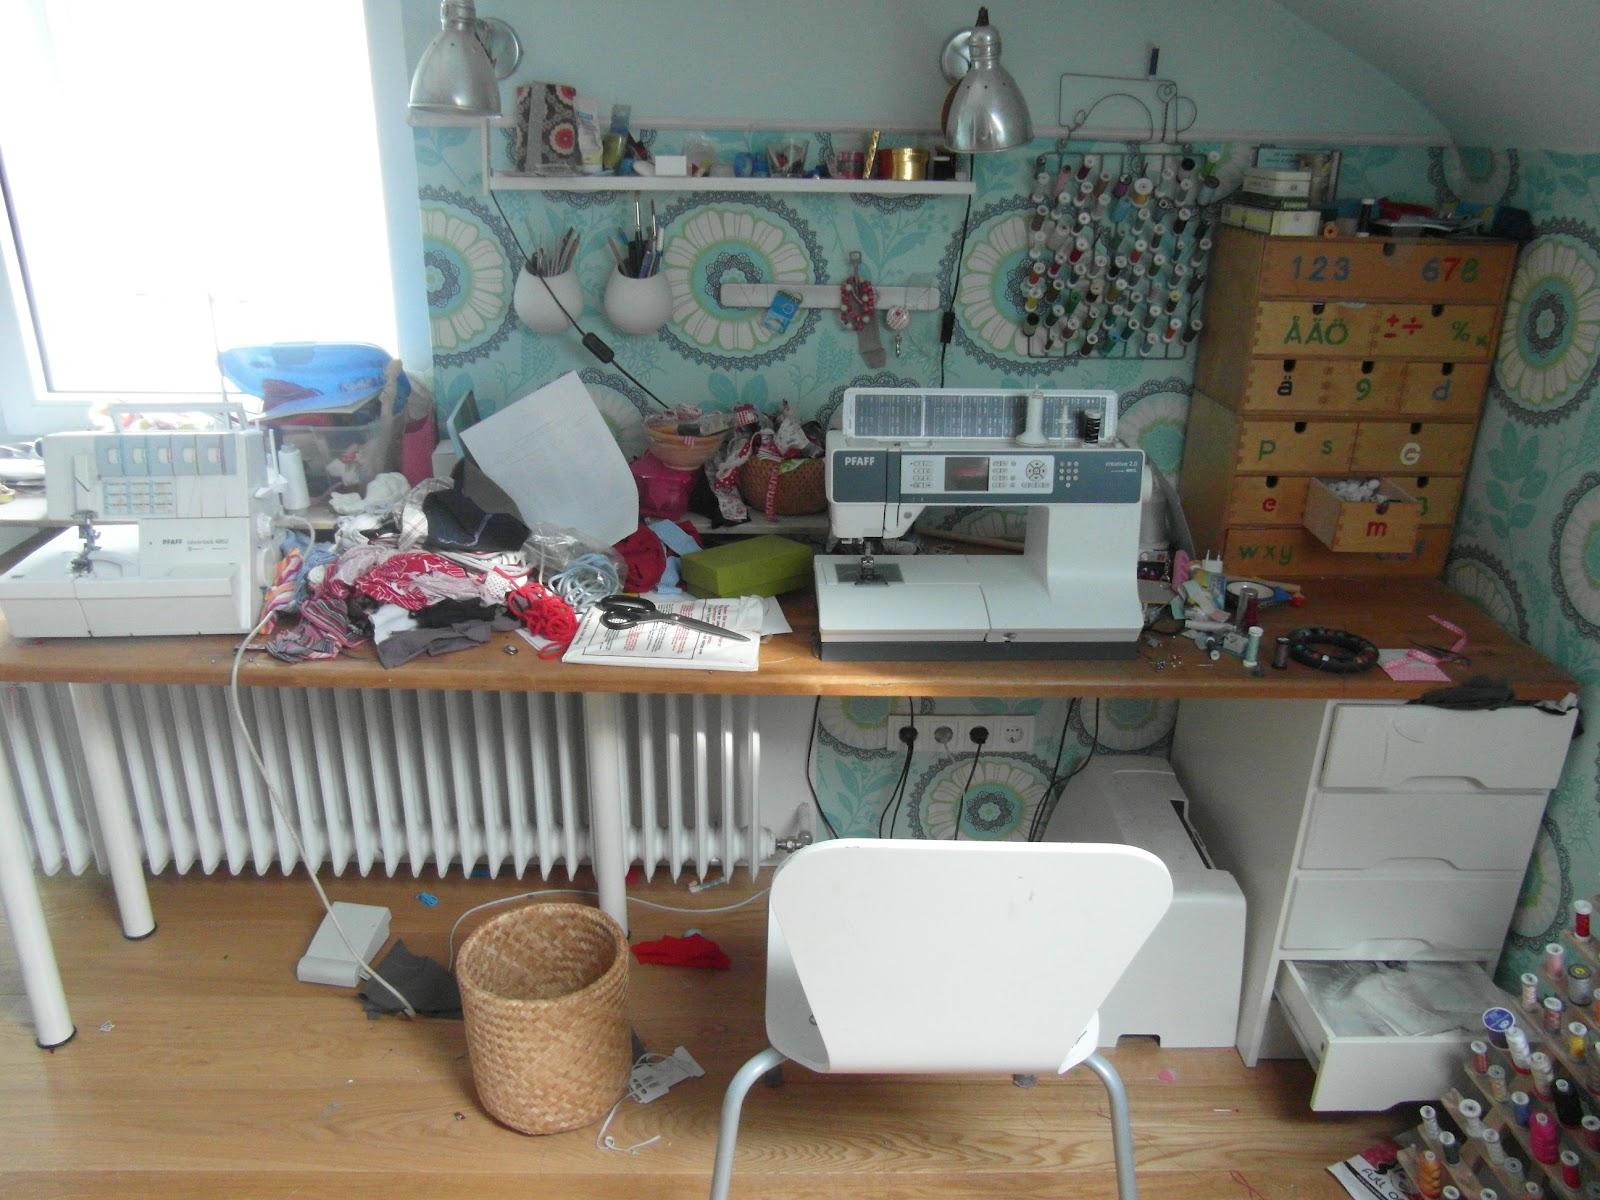 Nähzimmer Einrichten sewing addicted naehsucht mein nähzimmer aufräumen oder umräumen